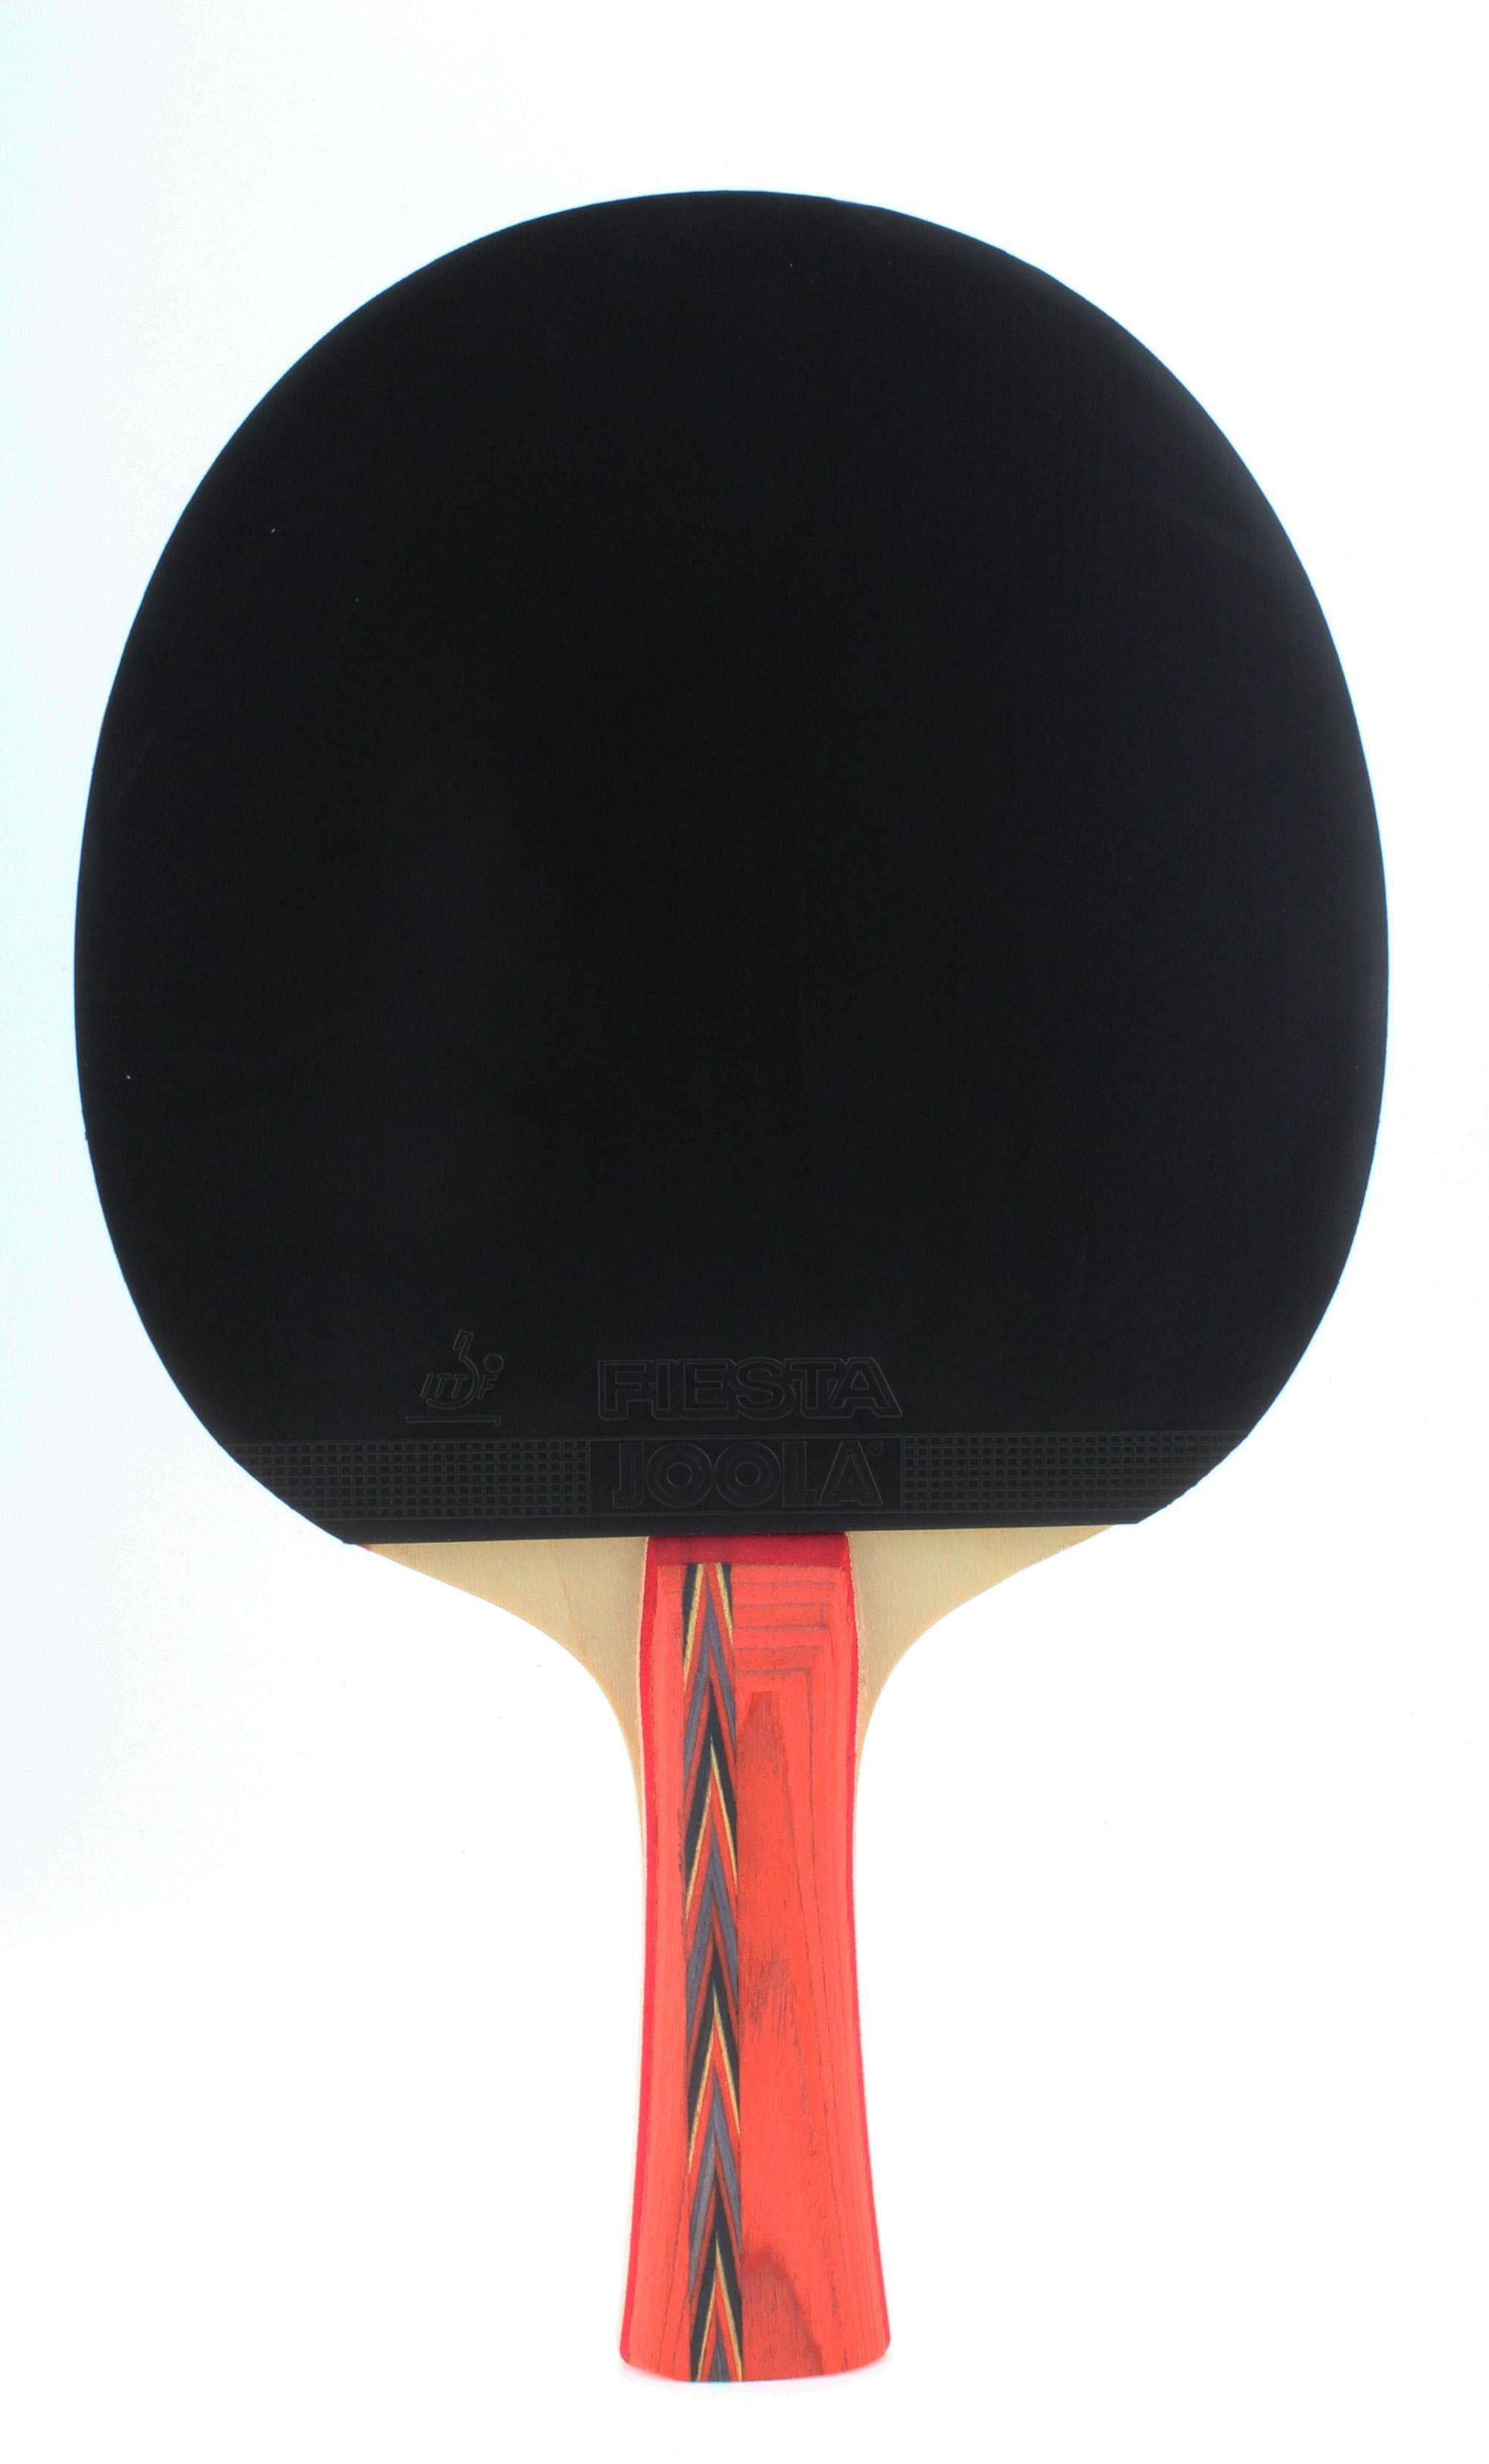 Joola Tischtennisschläger Rosskopf Attack (Packung) Technik & Freizeit/Sport & Freizeit/Sportarten/Tischtennis/Tischtennis-Ausrüstung